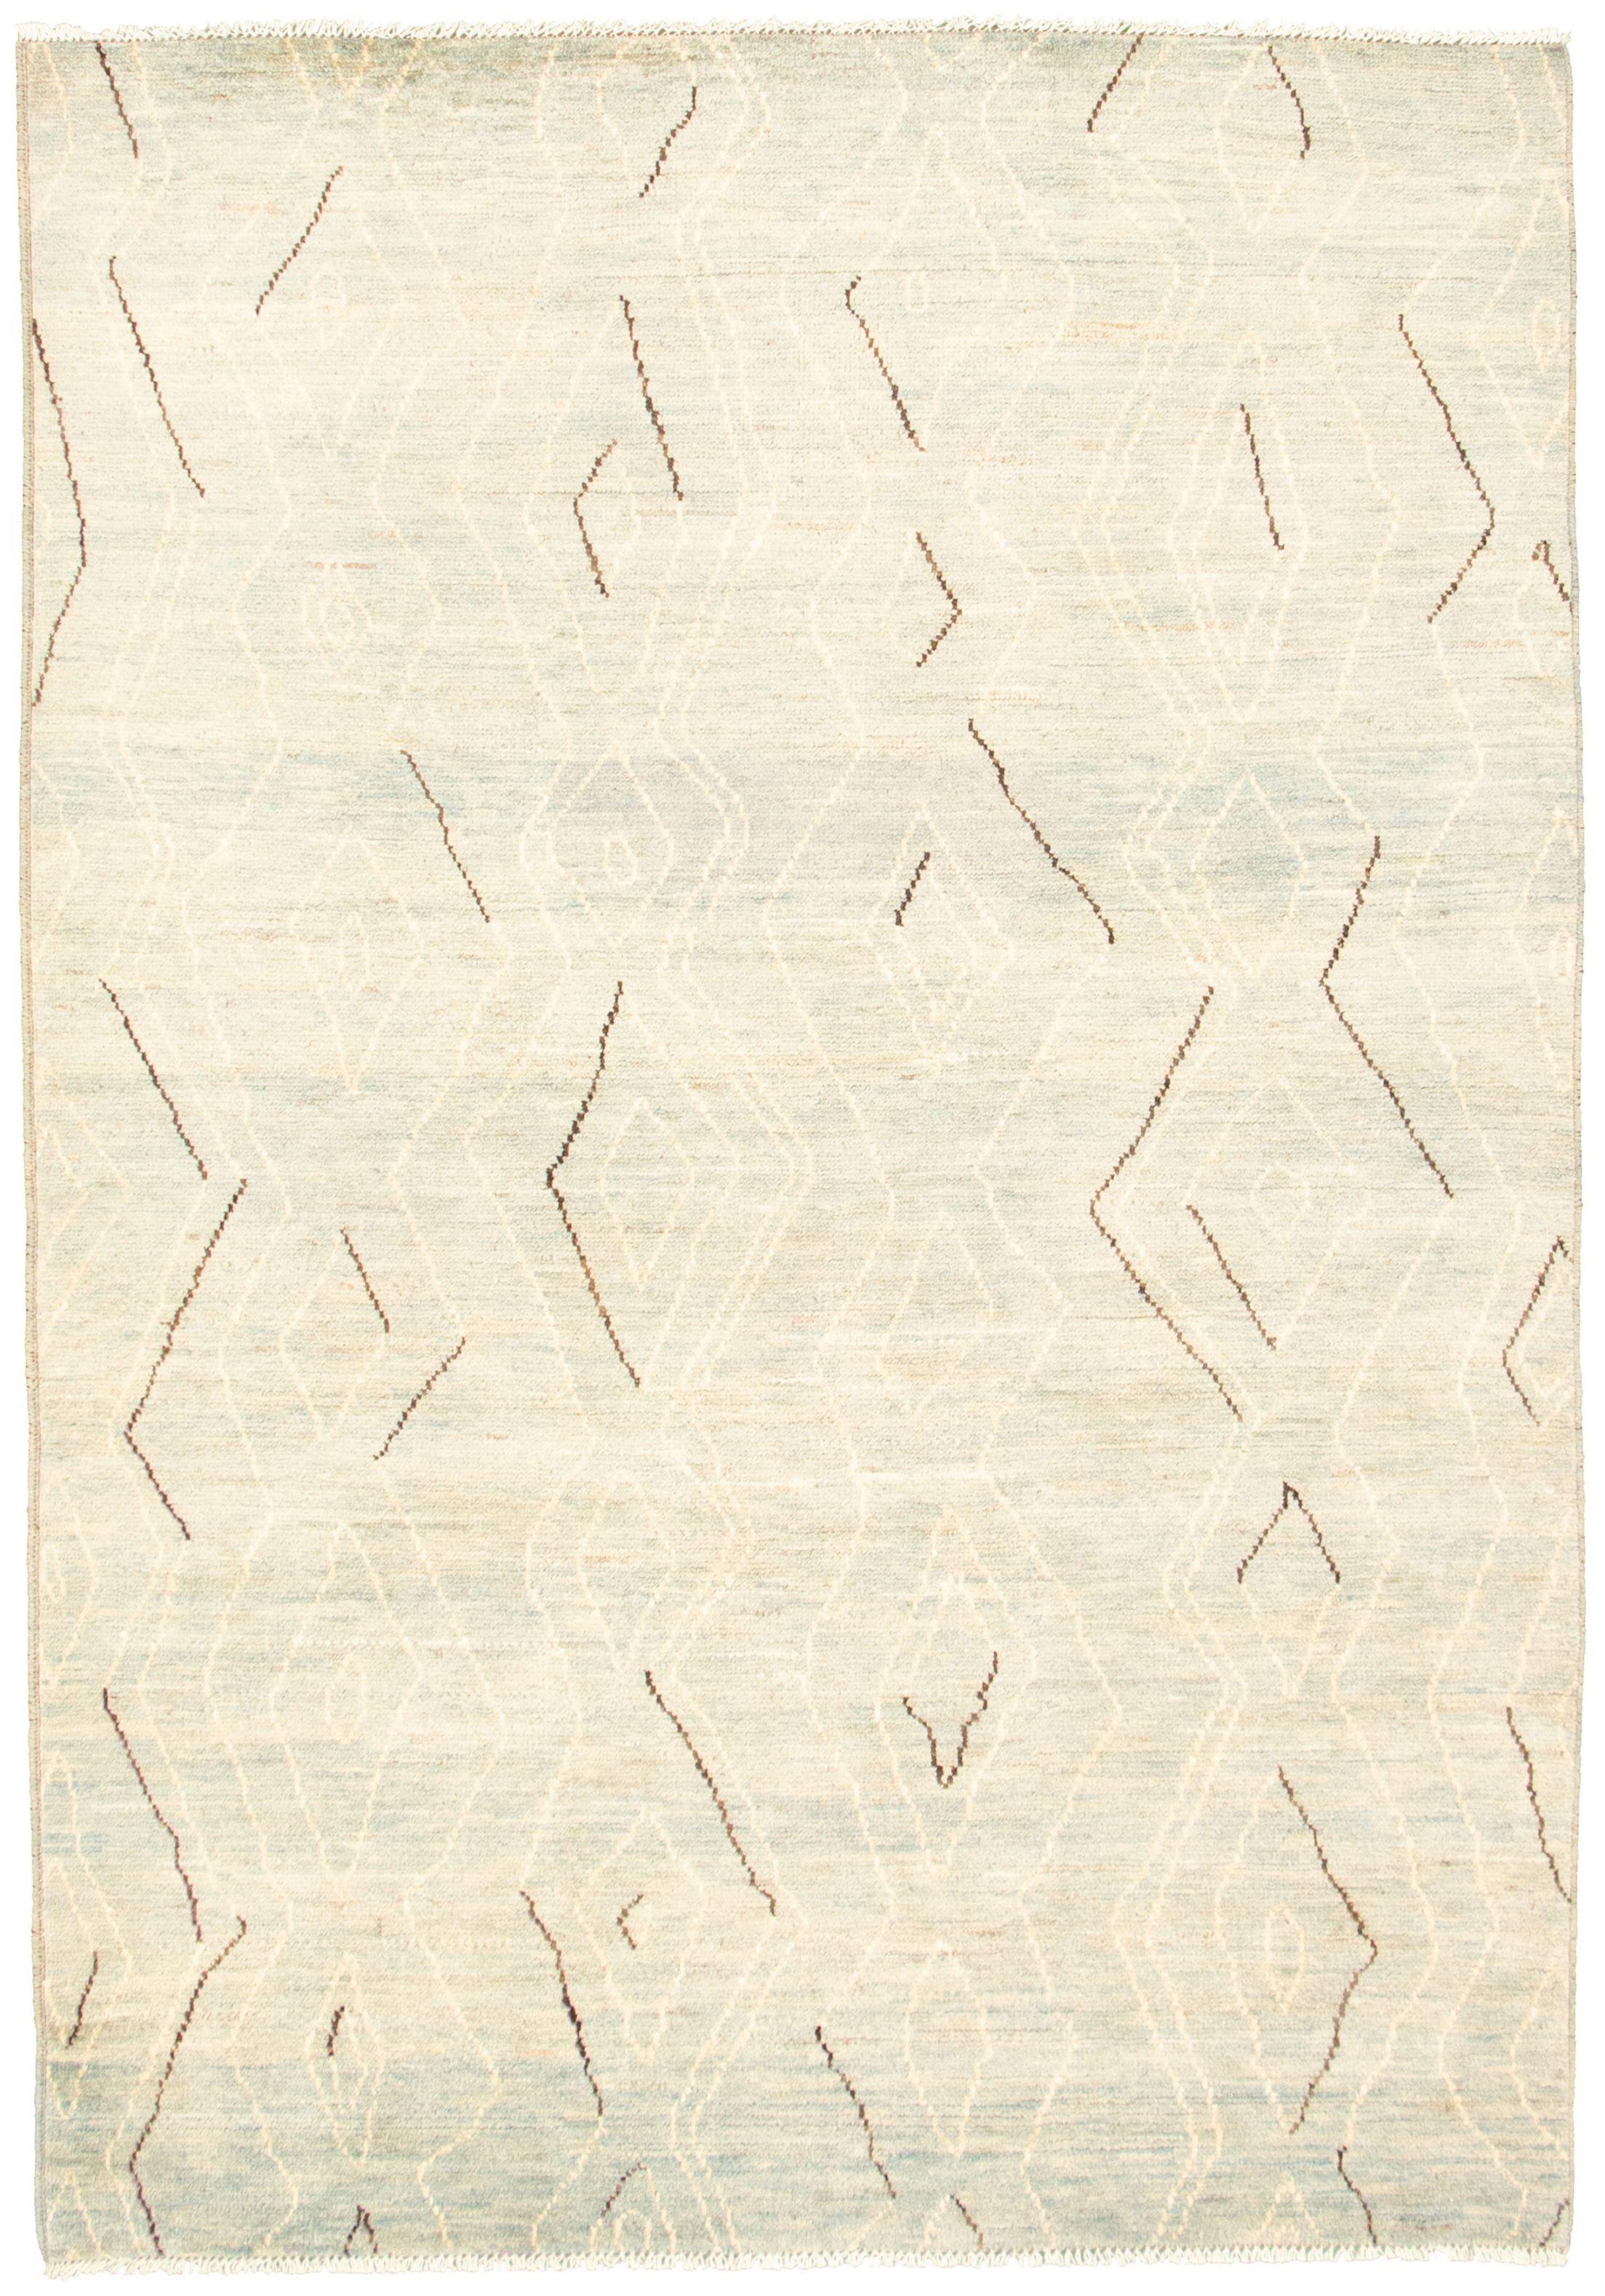 """Hand-knotted Marrakech Light Blue , Light Grey Wool Rug 6'2"""" x 8'11"""" Size: 6'2"""" x 8'11"""""""